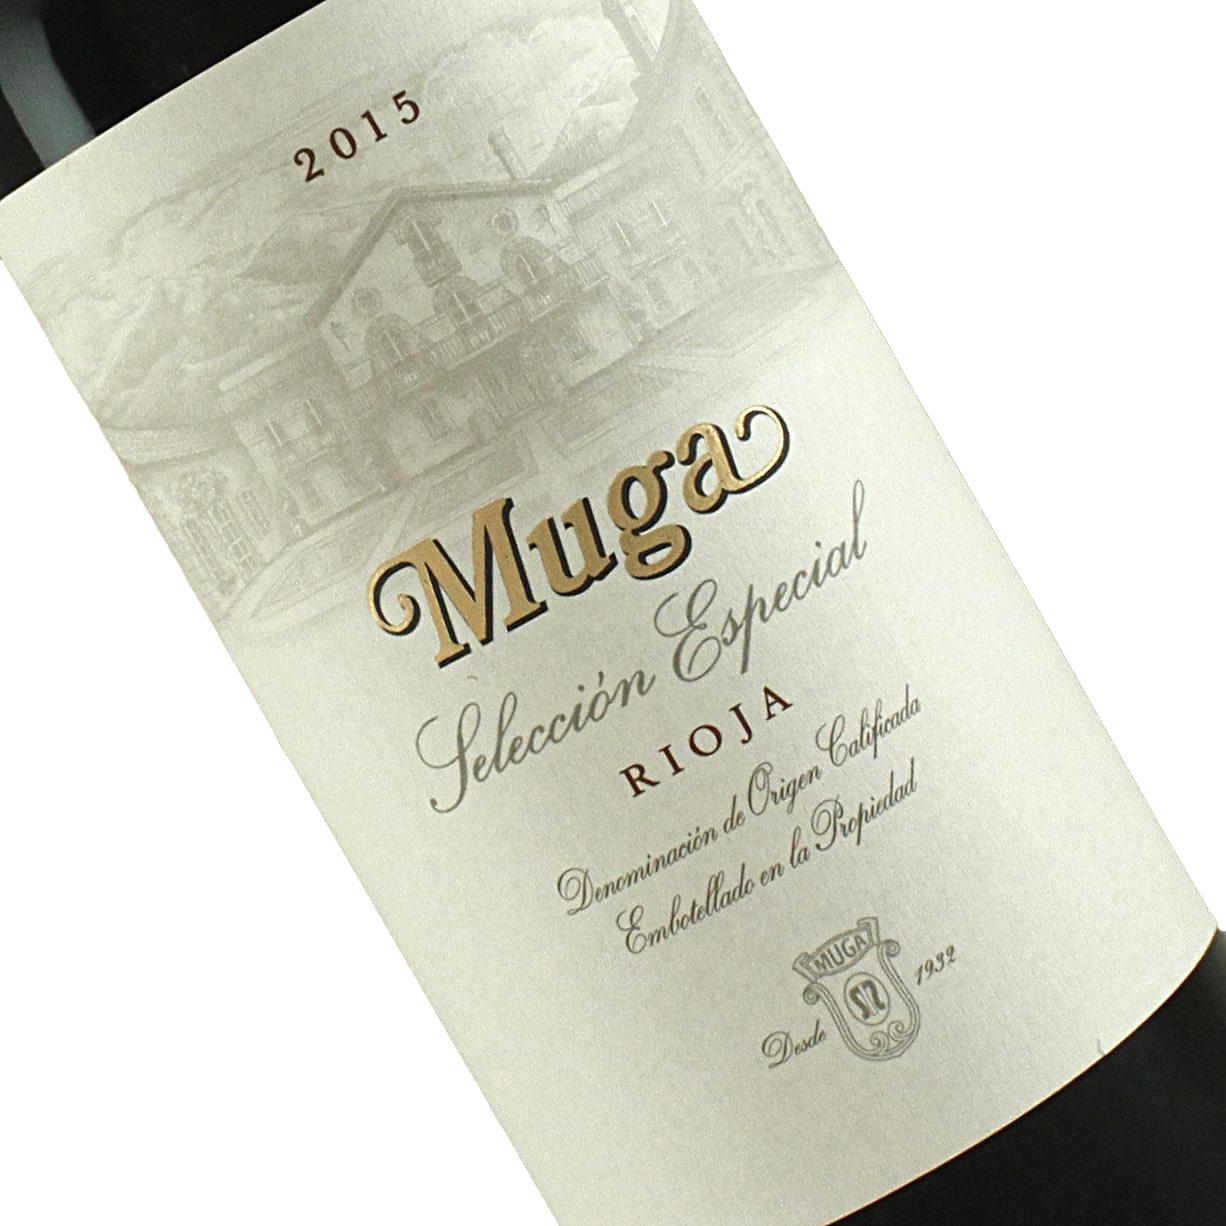 Muga 2015 Seleccion Especial Rioja, Spain